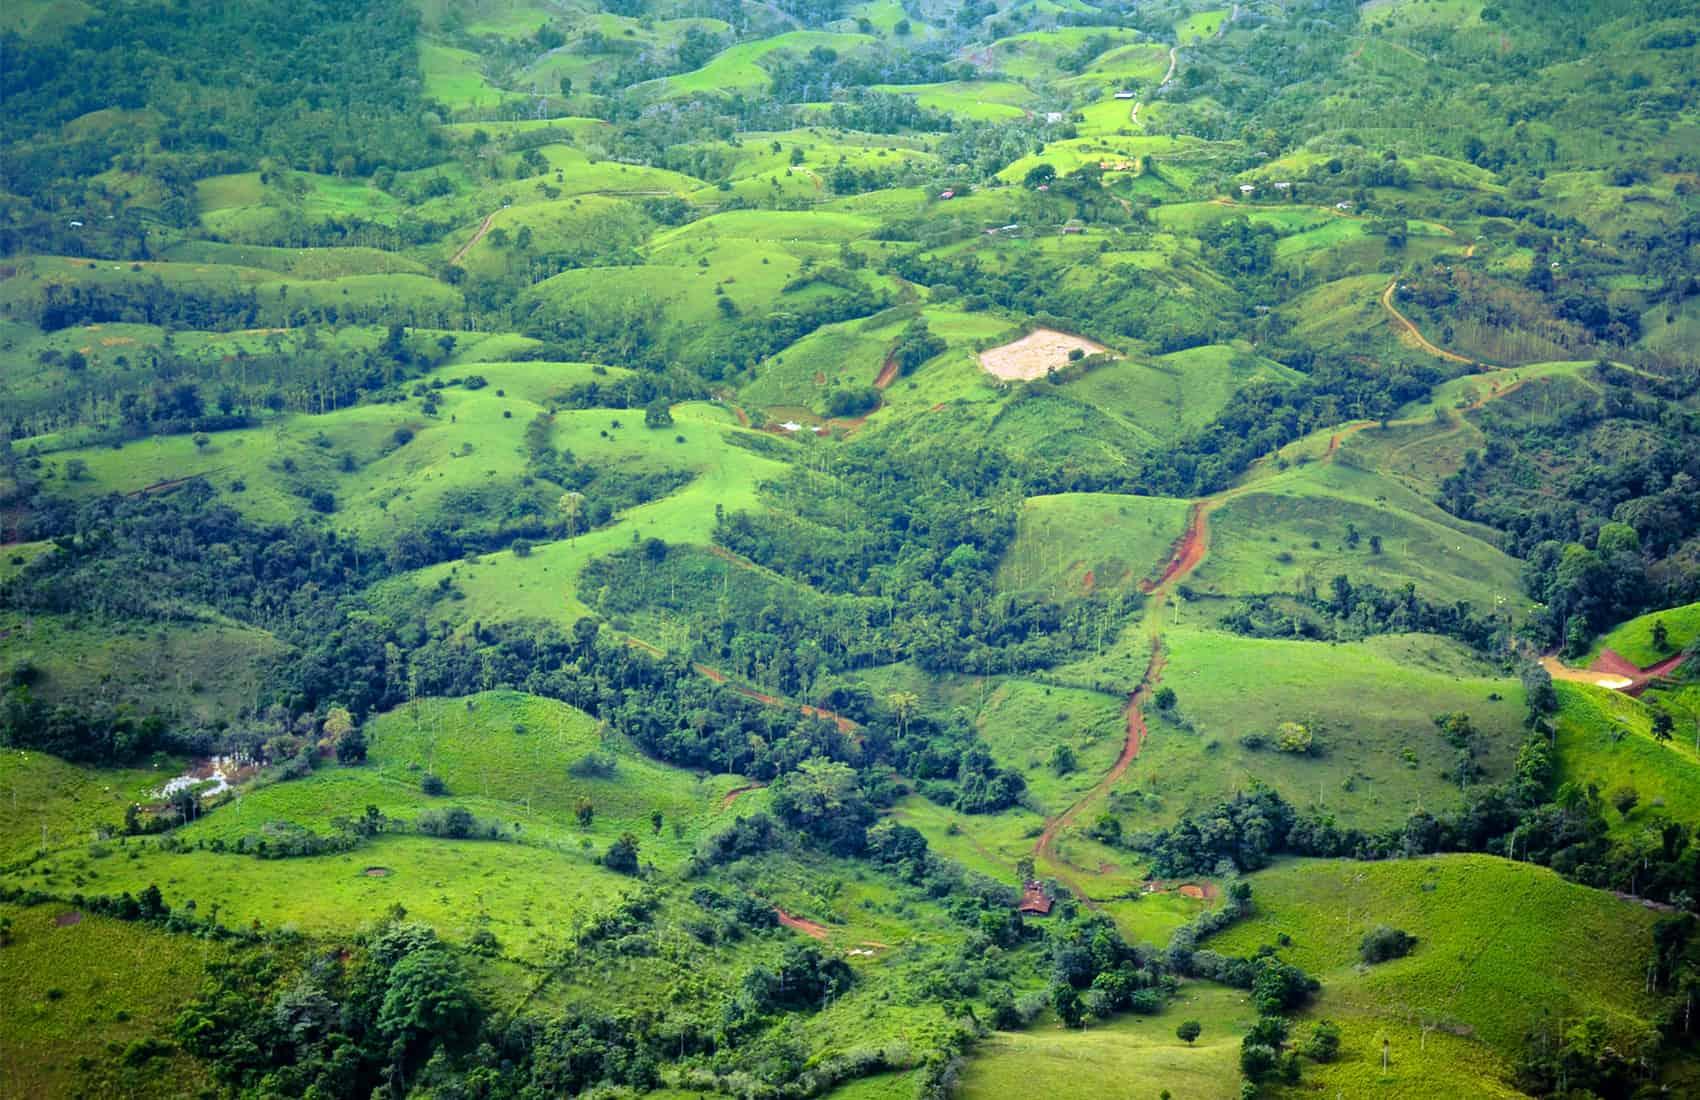 La Fortuna, San Carlos - Alajuela